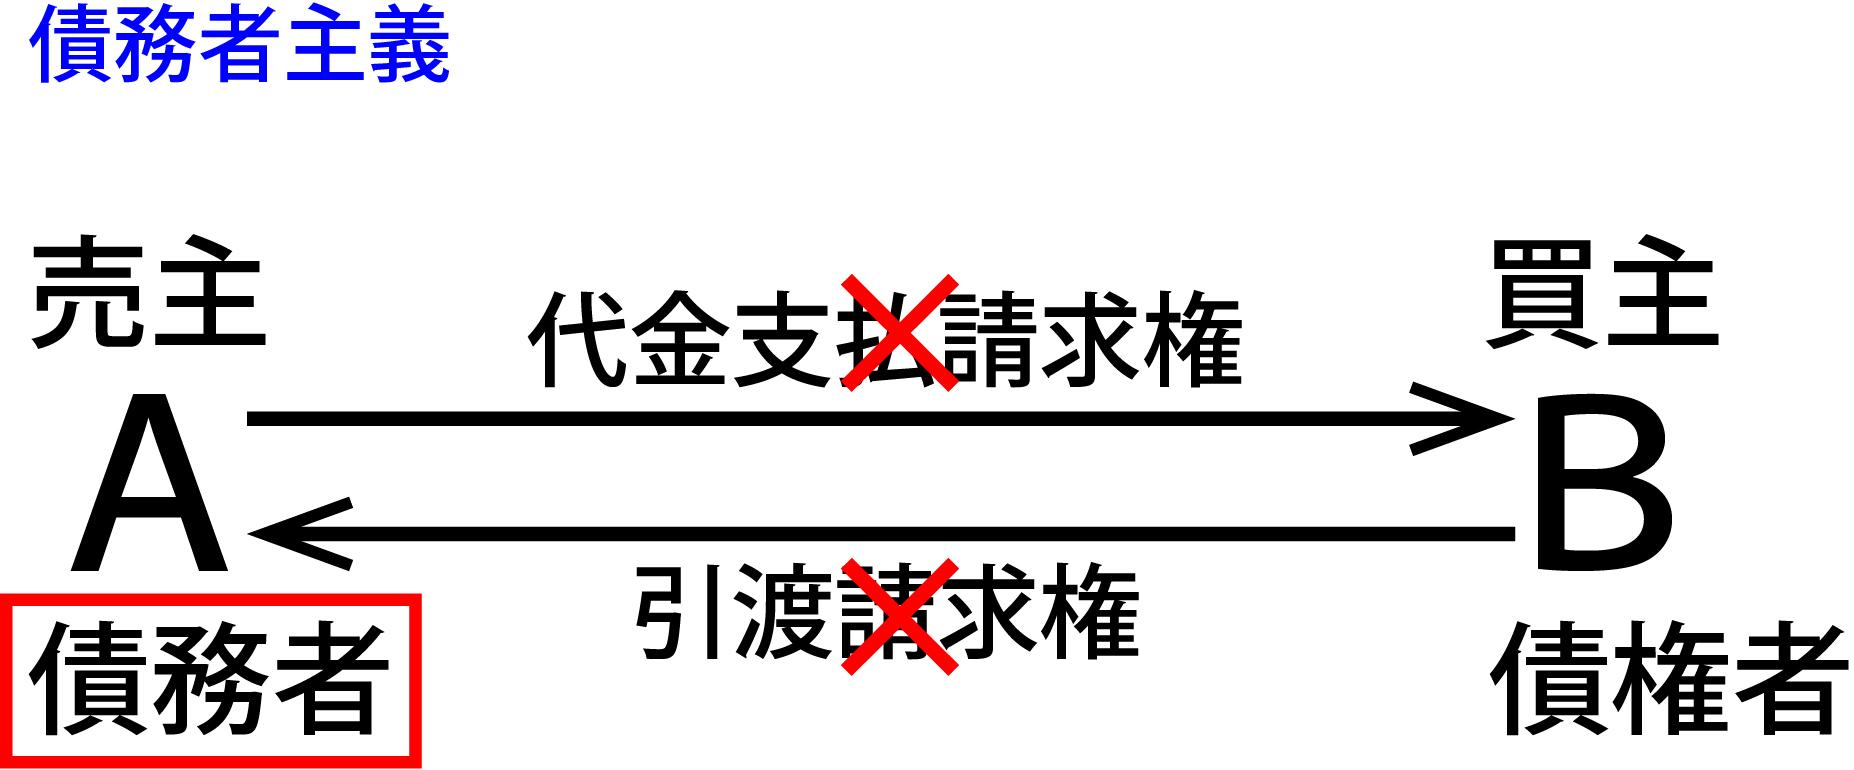 宅建過去問】(平成08年問11)危...